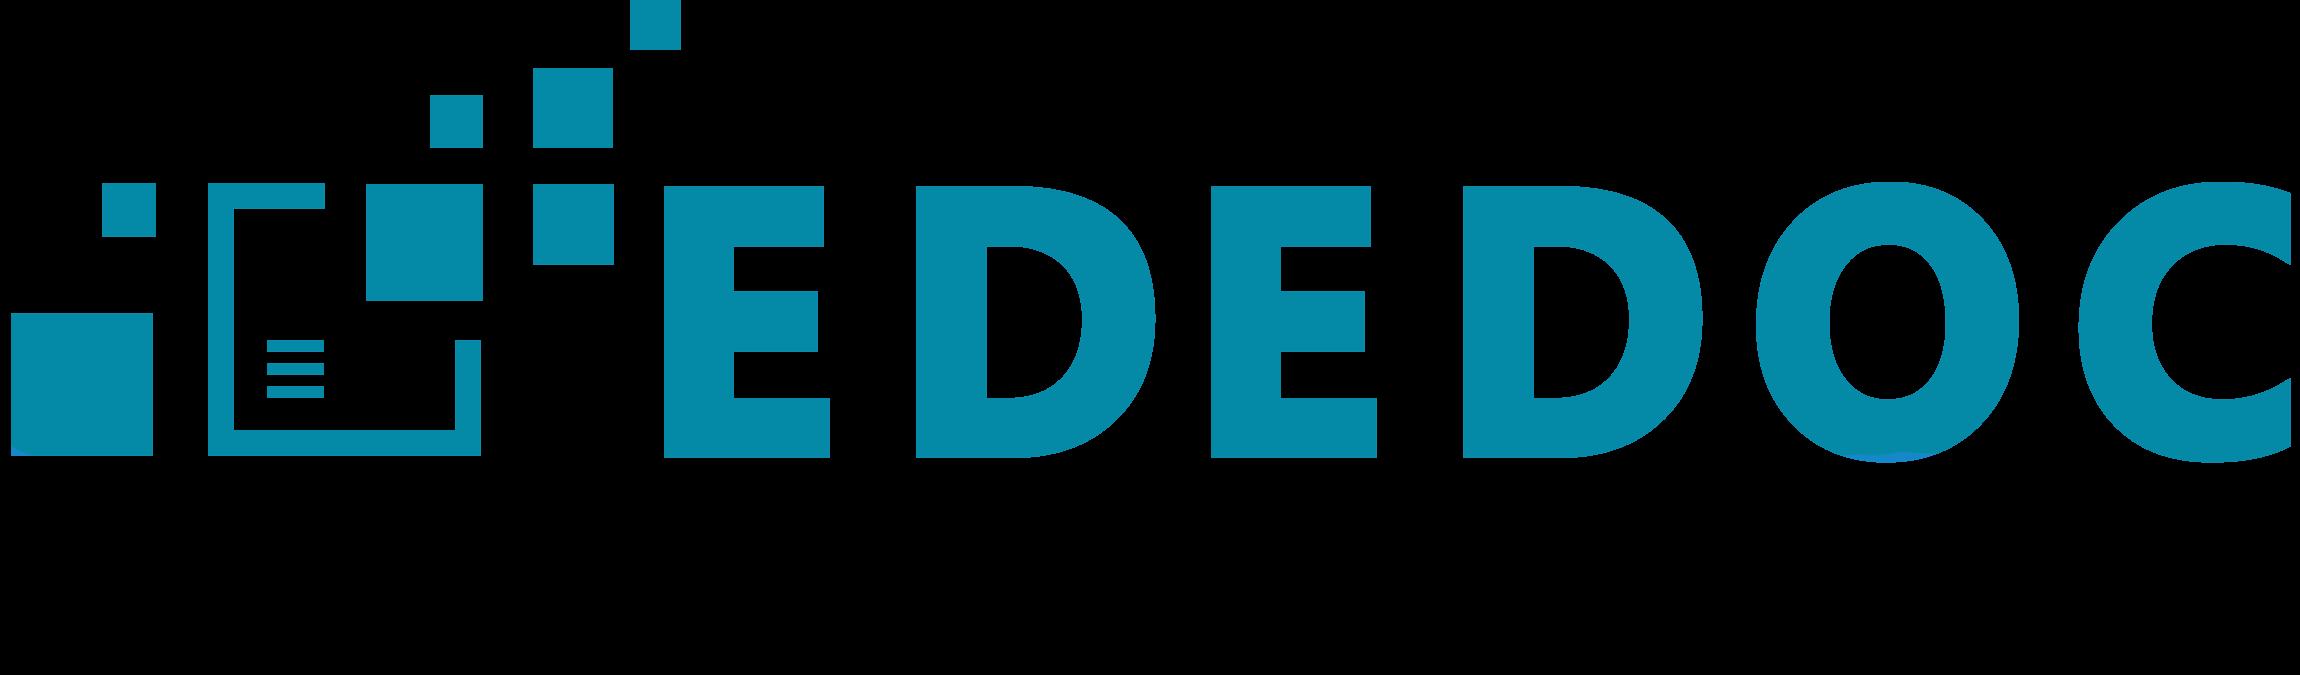 ededoc